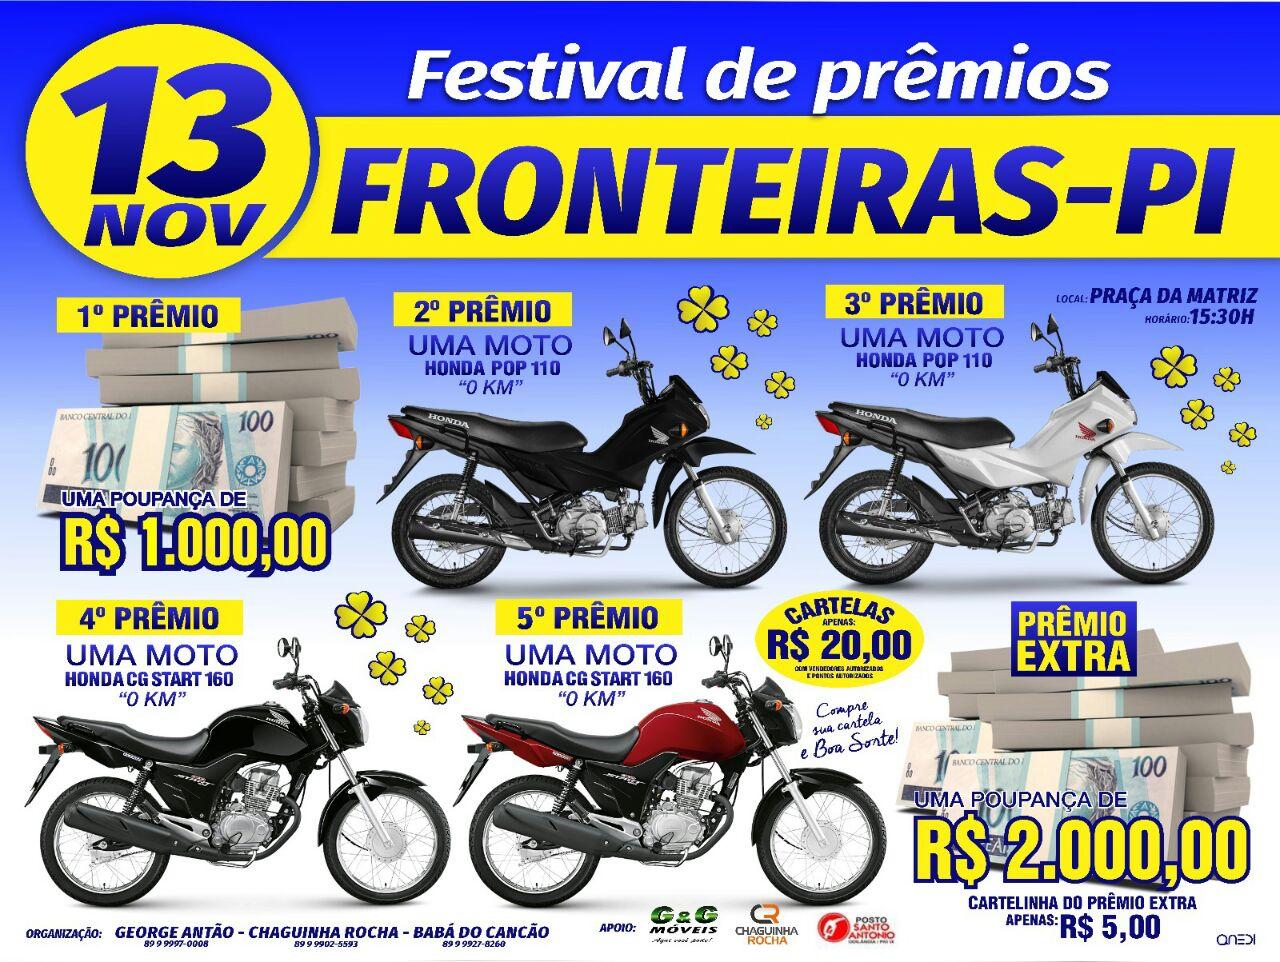 Festival de Prêmios de Fronteiras